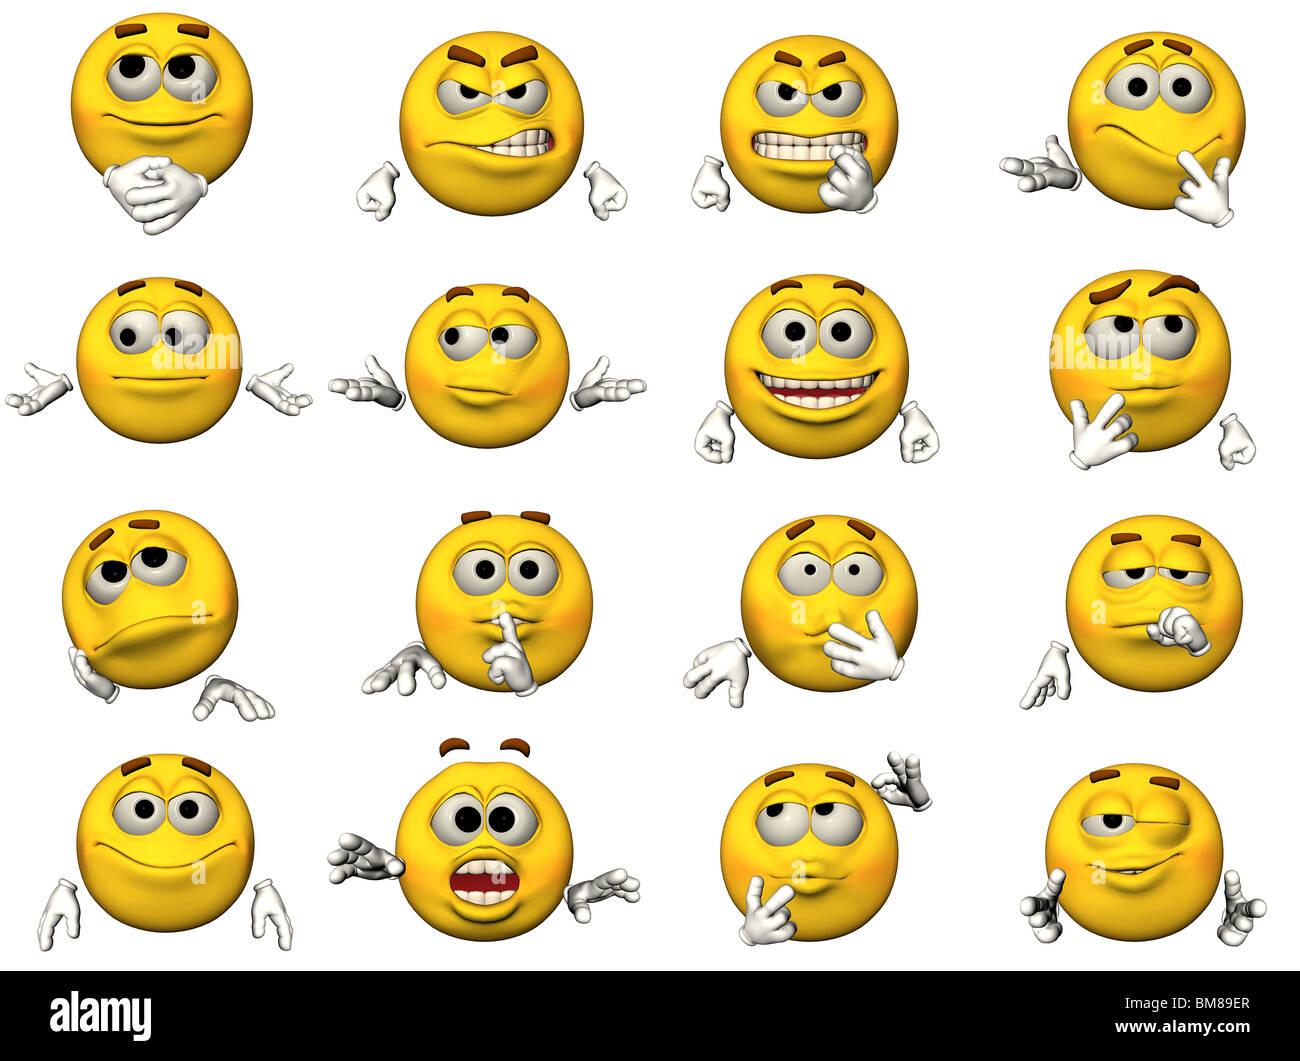 16 isolierte Illustrationen von emoticons Stockbild